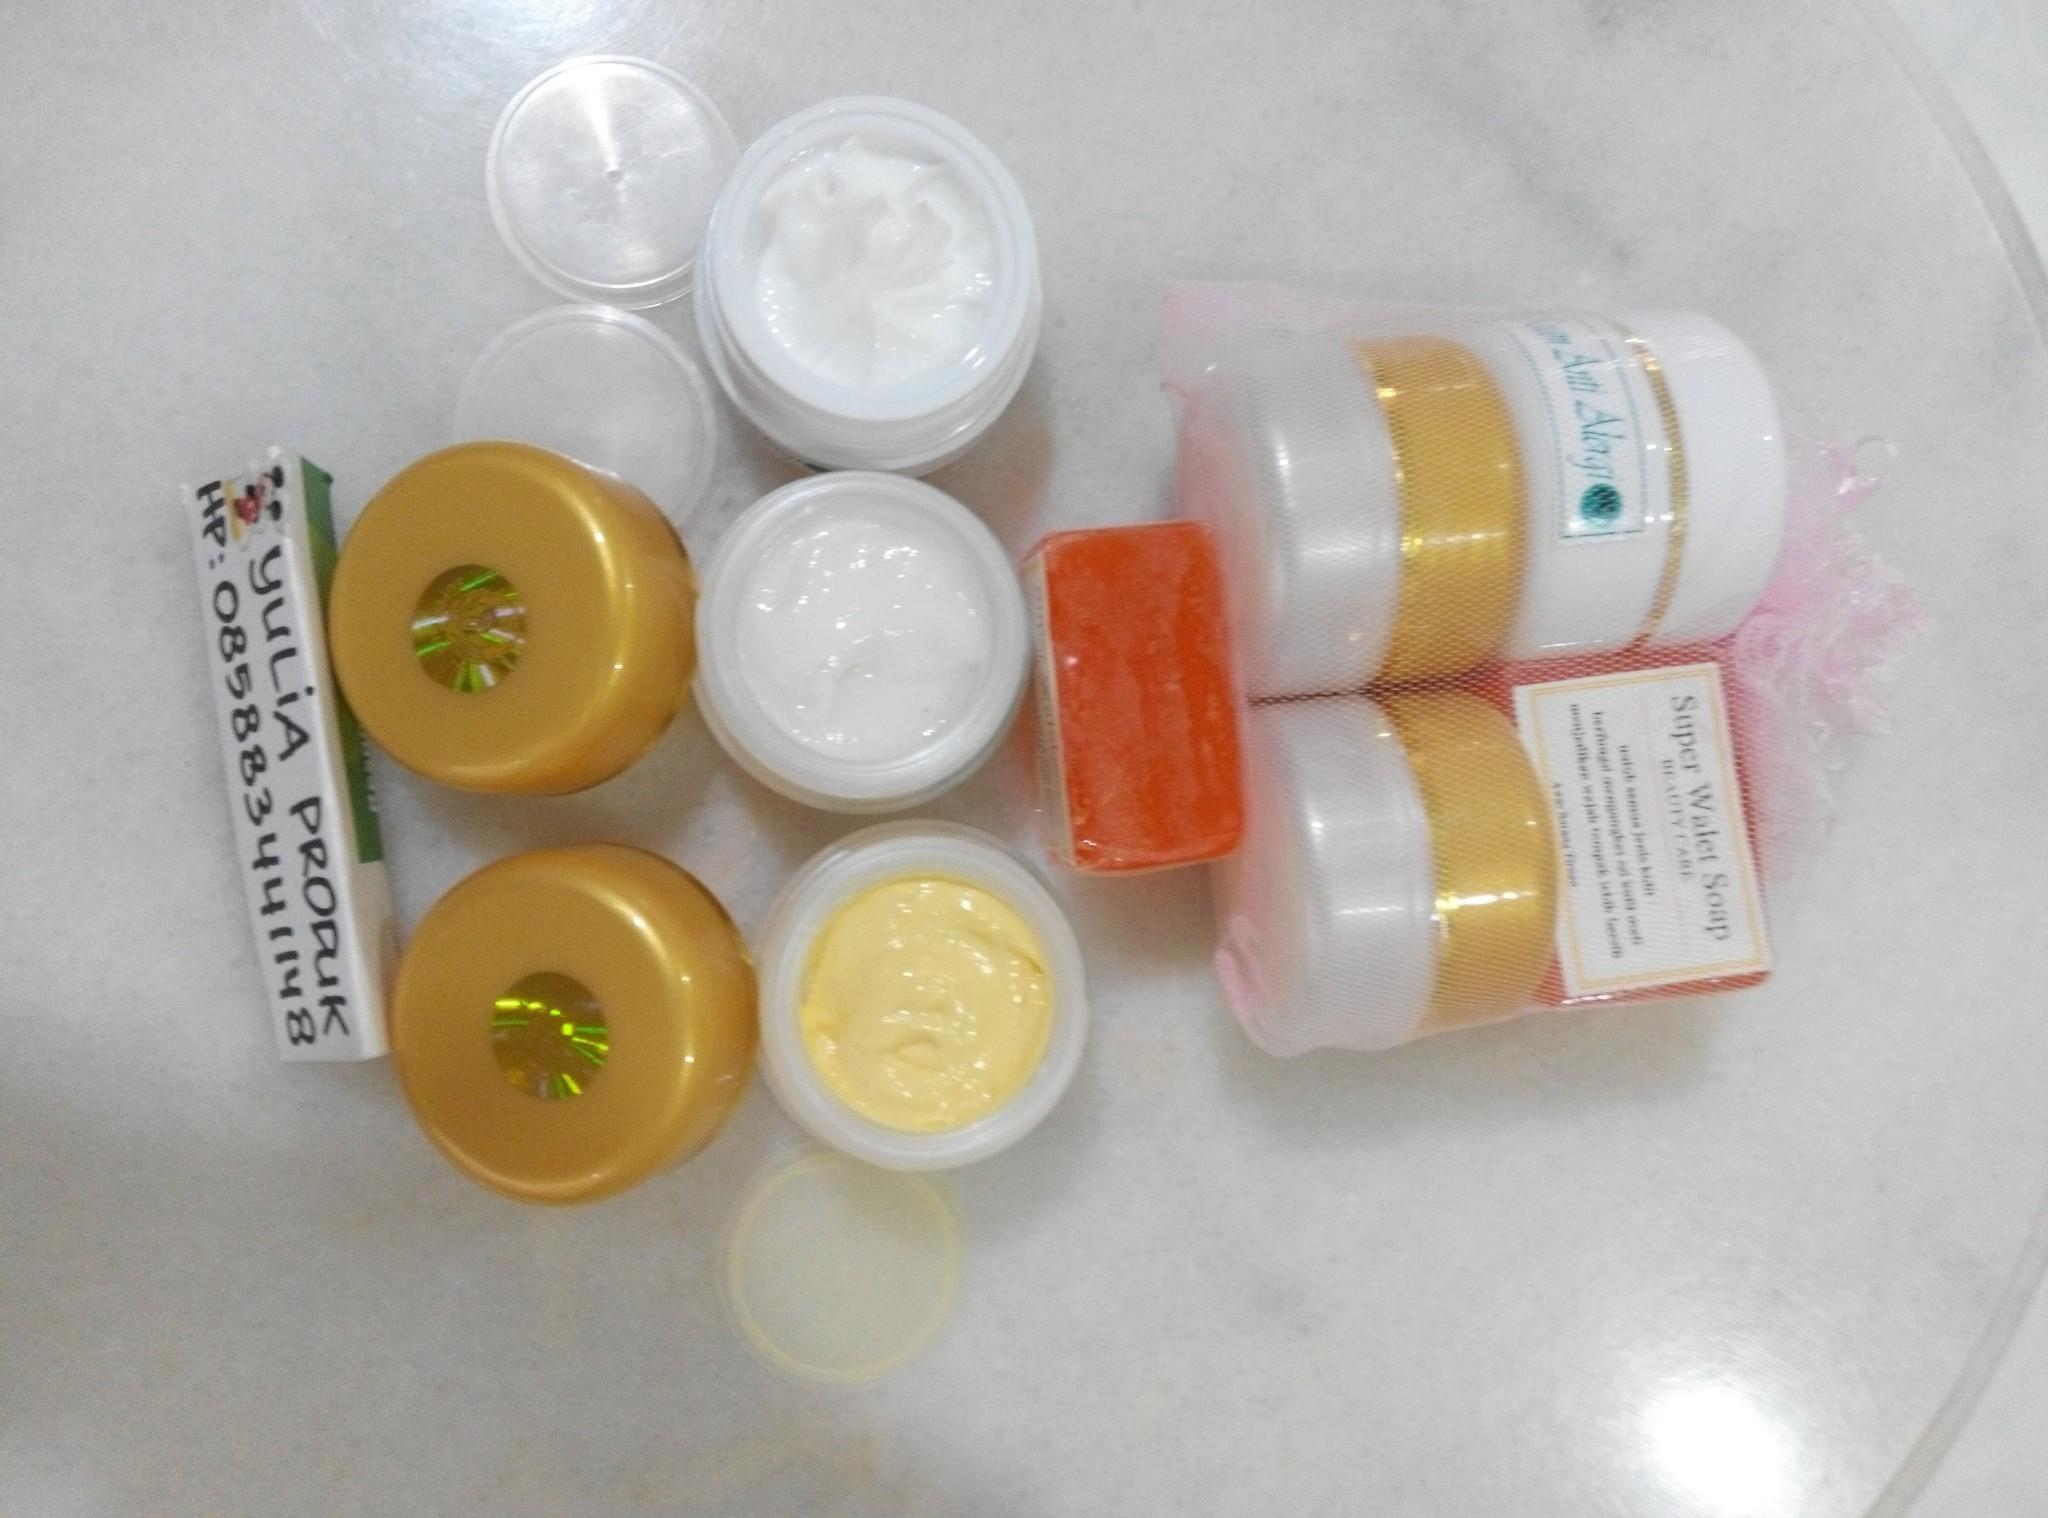 Daftar Harga Walet Gold Super Terbaru Oktober Hargaupdate Cream Gambar Terkait